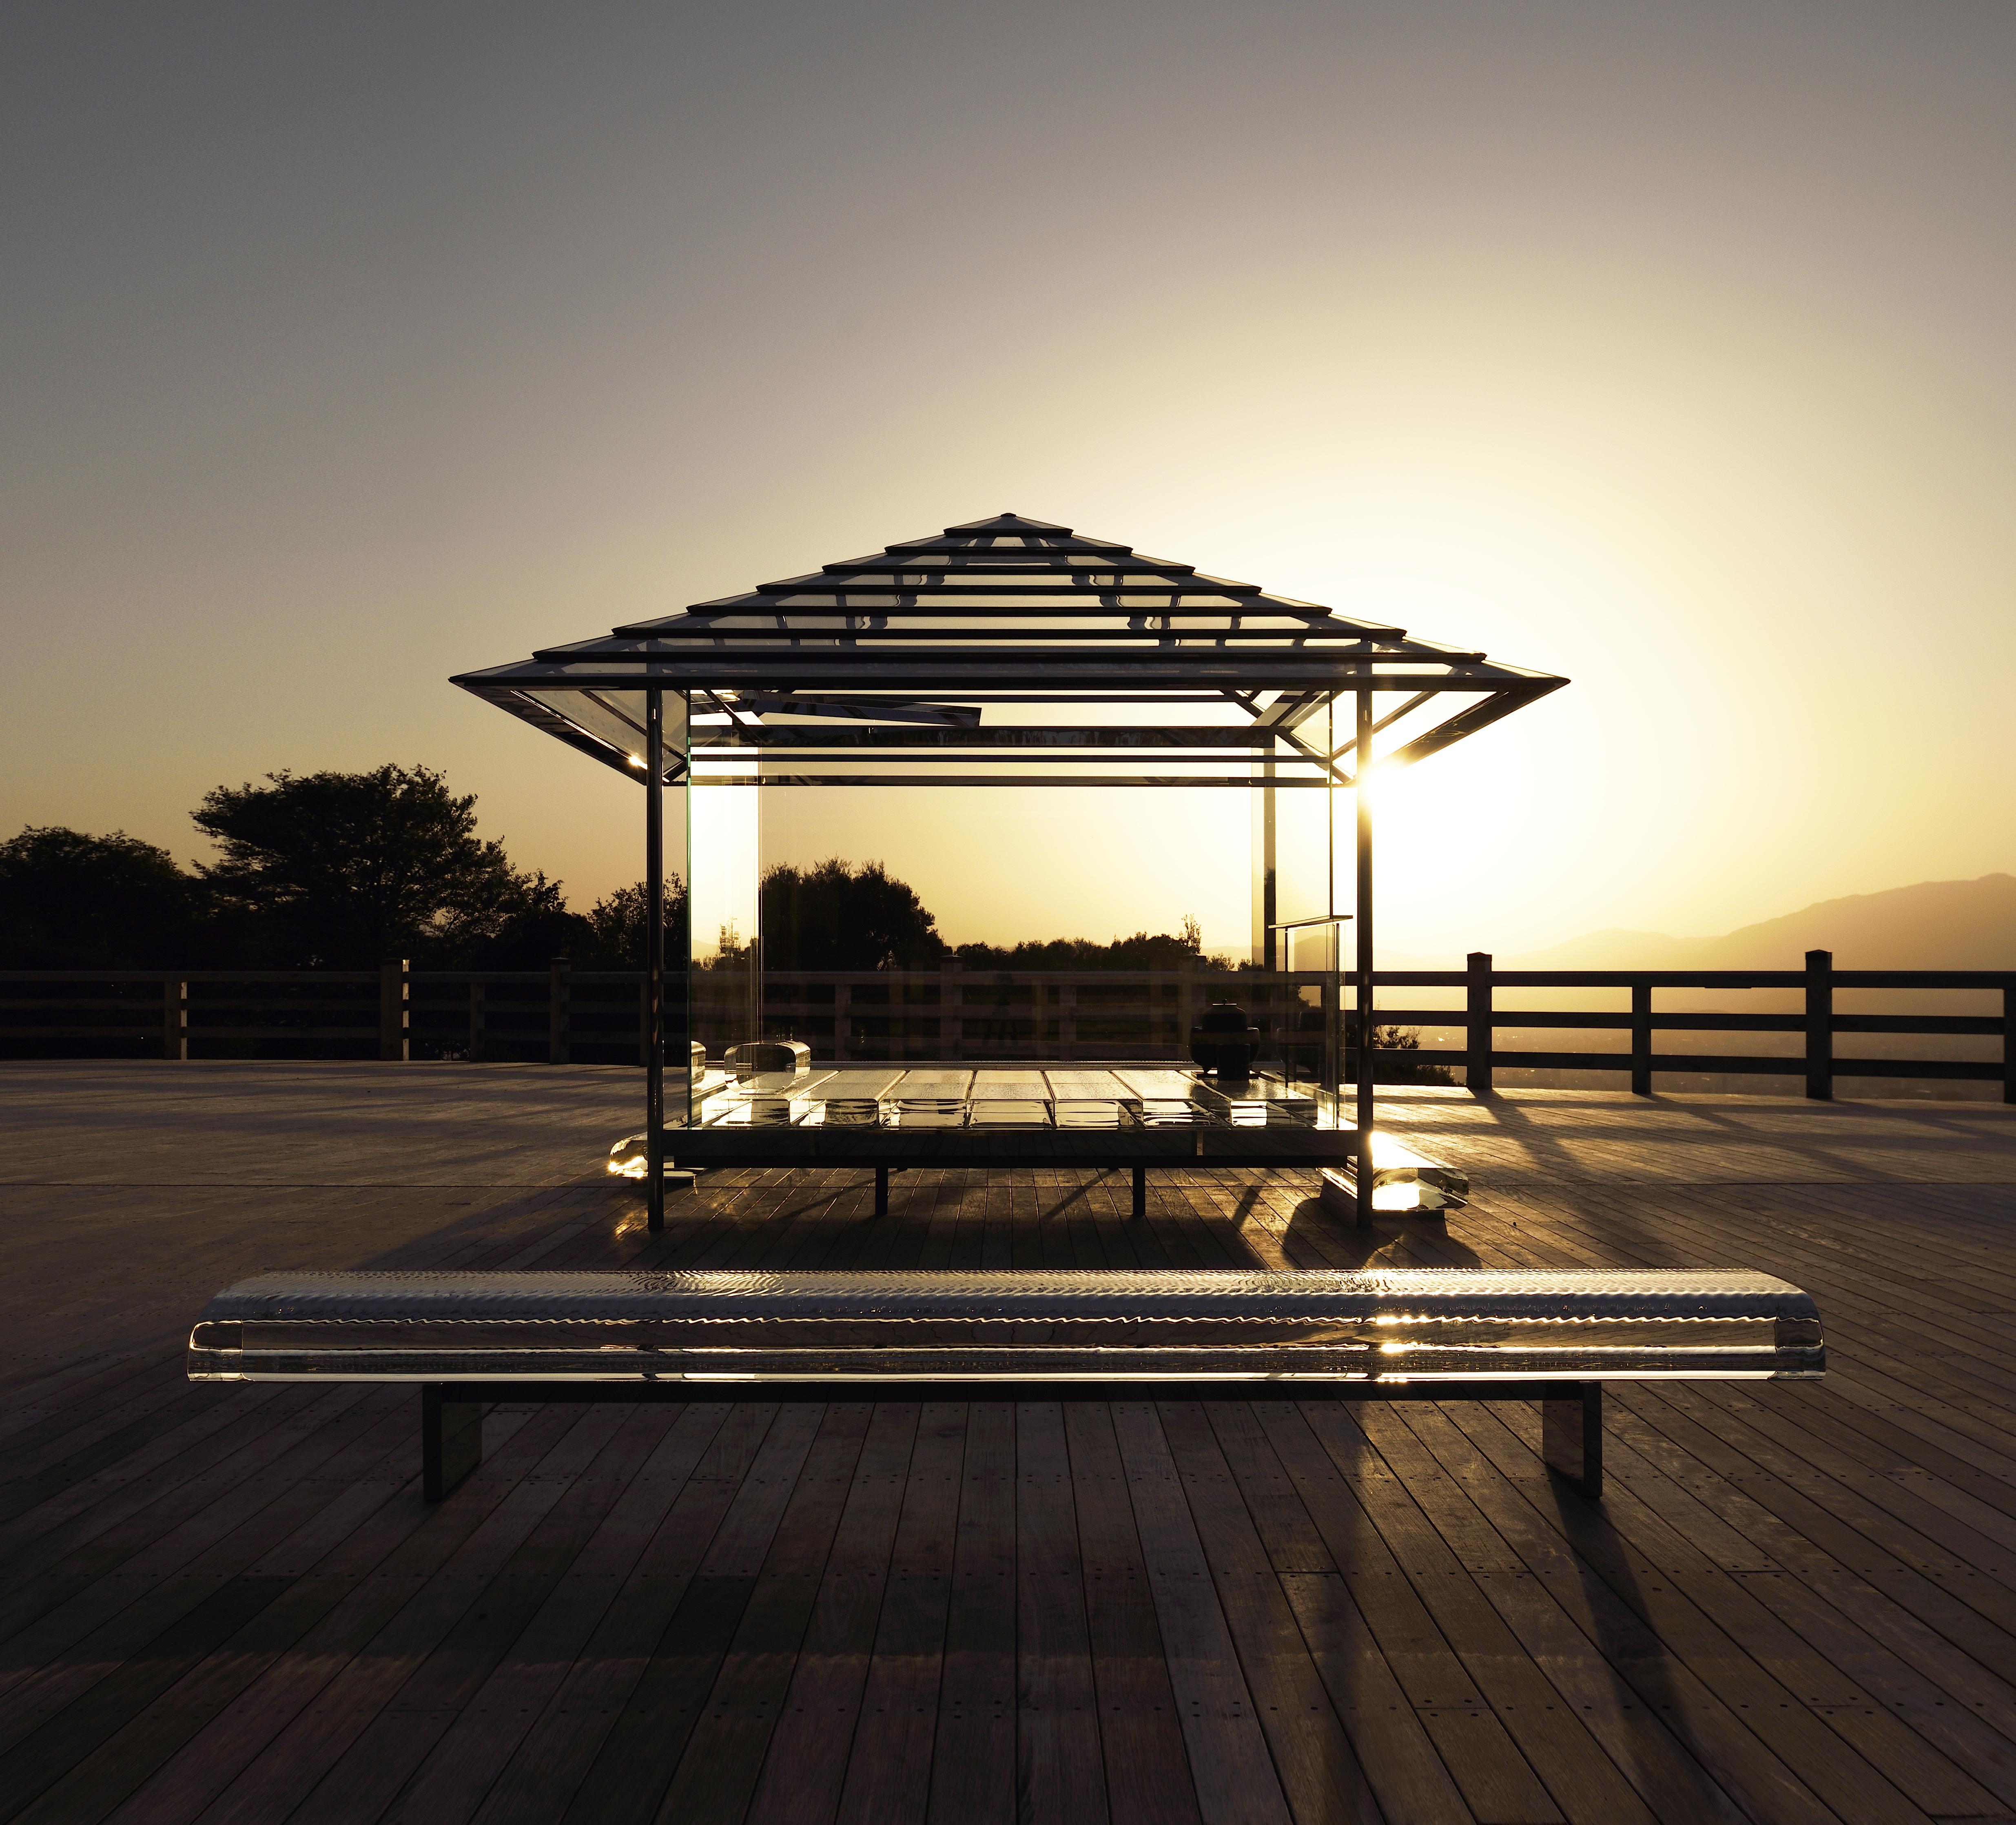 残り3カ月!幻想的な「吉岡徳仁 ガラスの茶室 – 光庵」 展覧会【今週のおすすめアート】